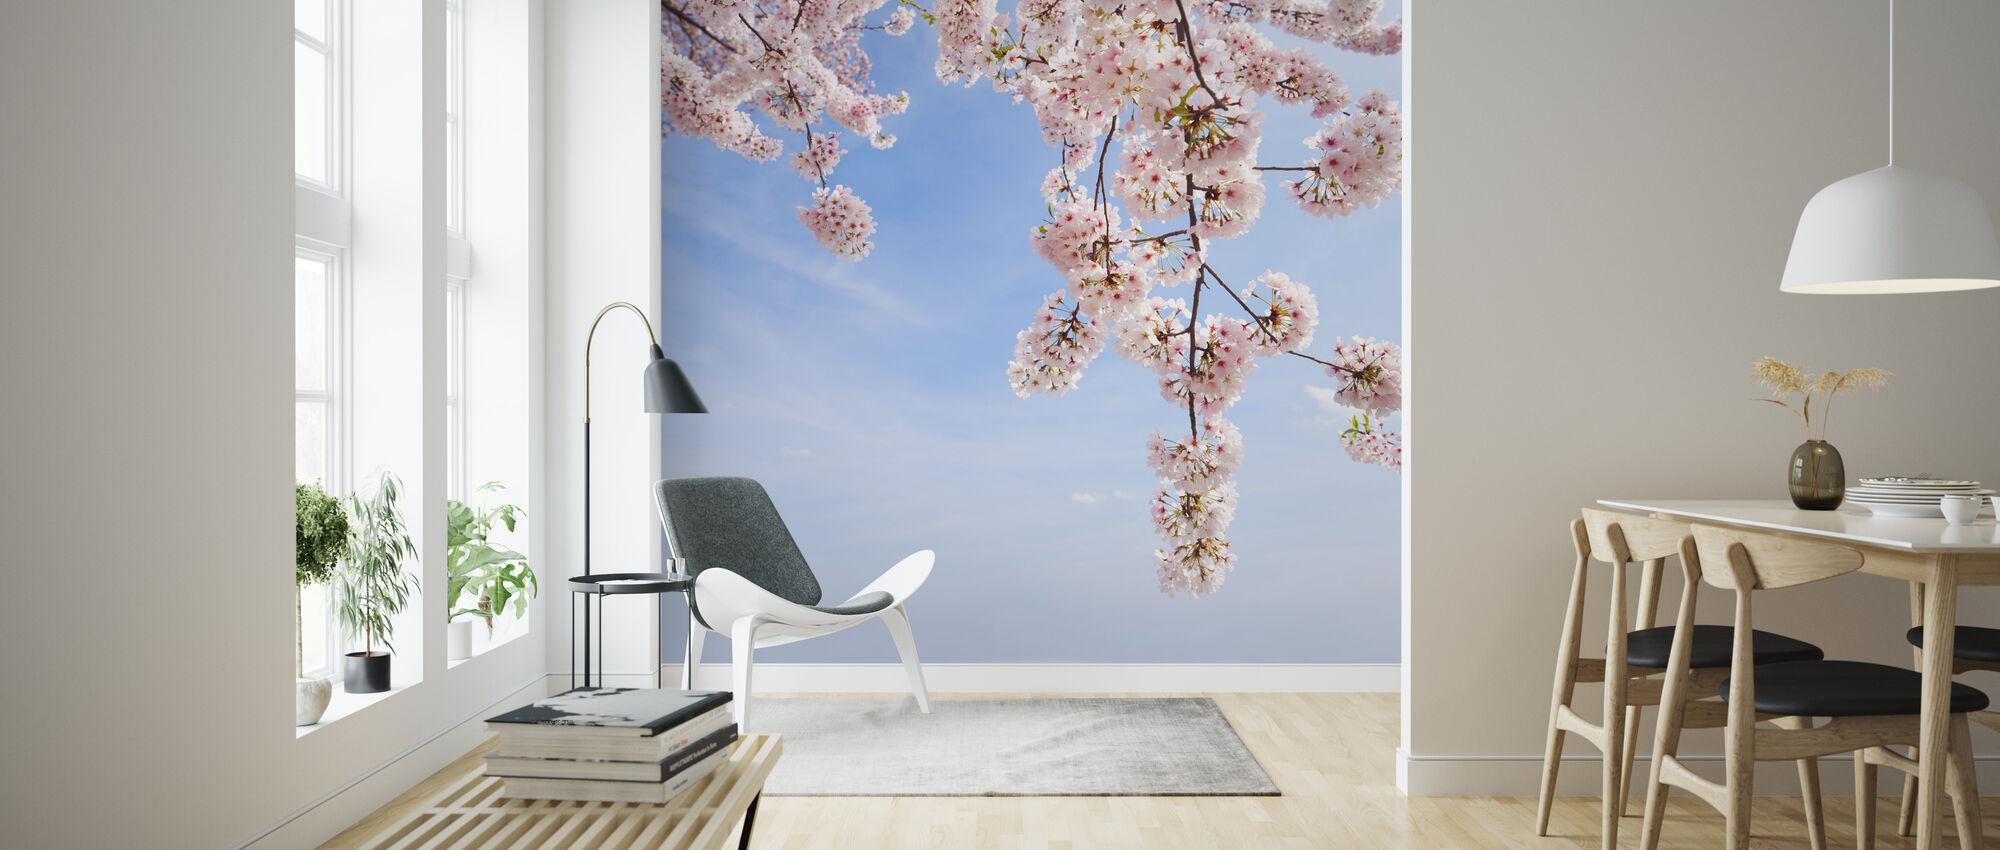 Kirsikkapuun alla - Tapetti - Olohuone